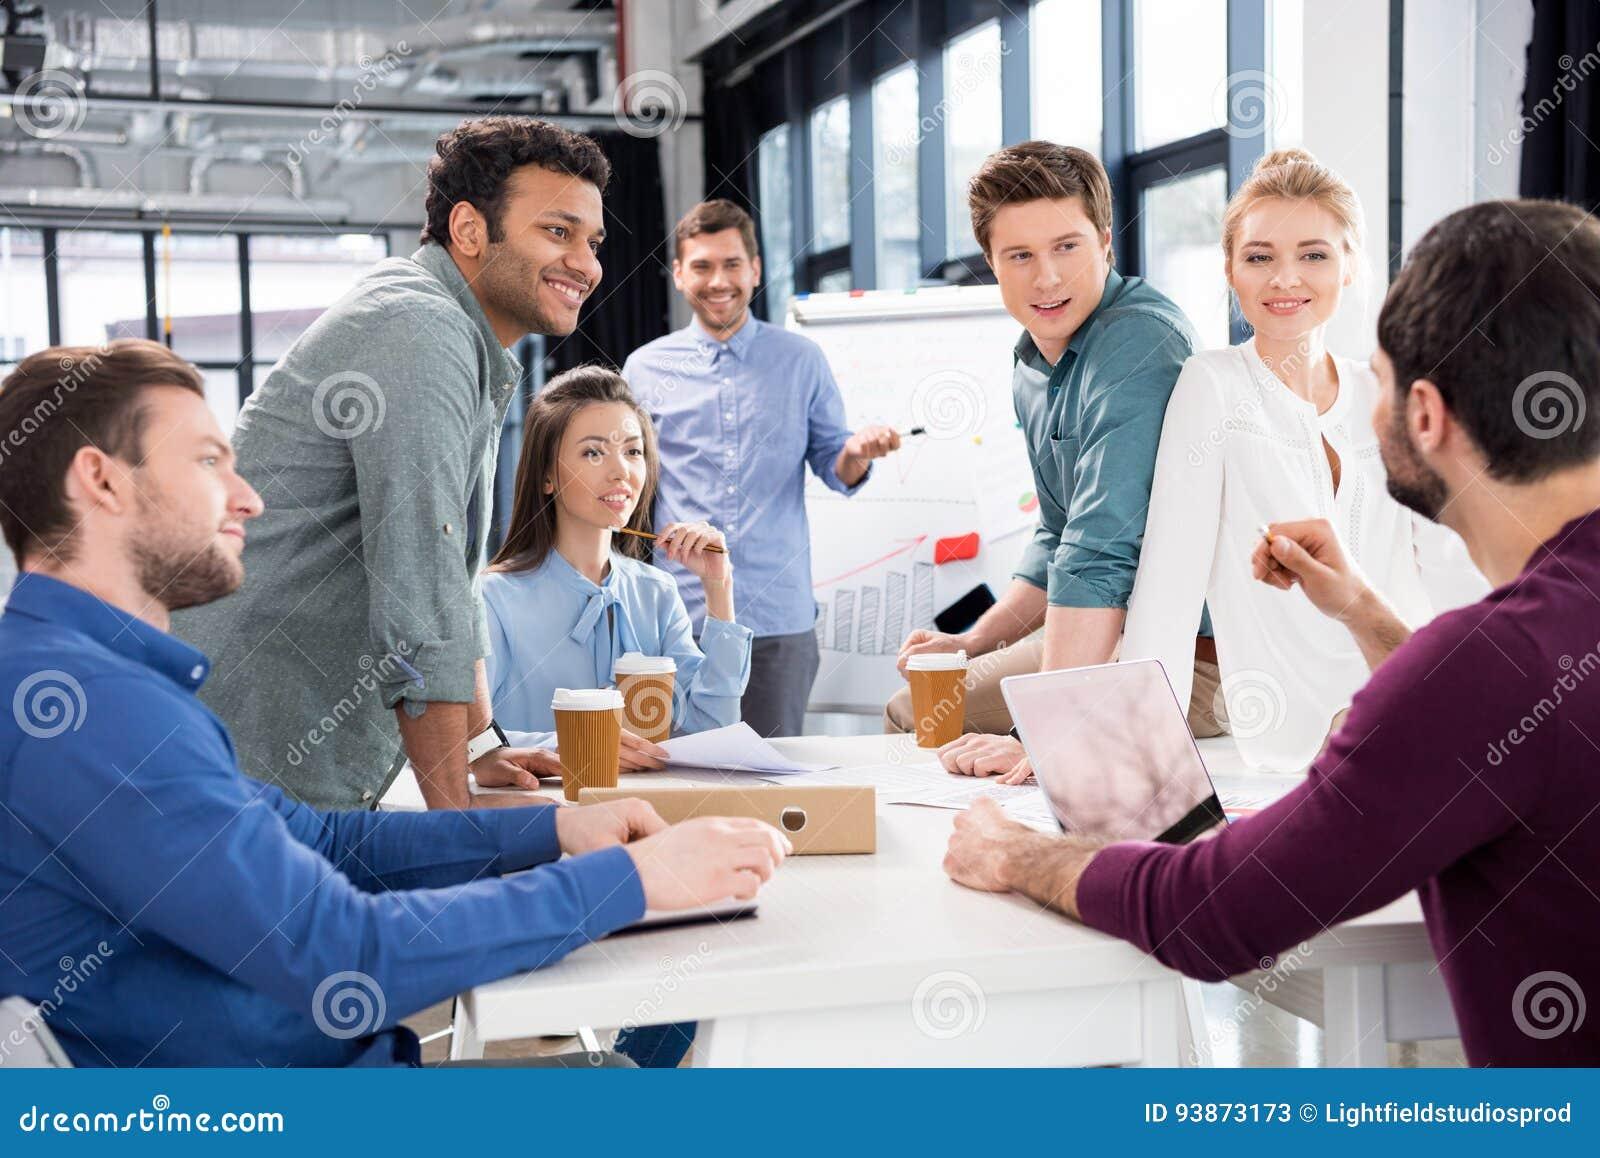 Профессиональные предприниматели обсуждая и коллективно обсуждать совместно на рабочем месте в офисе